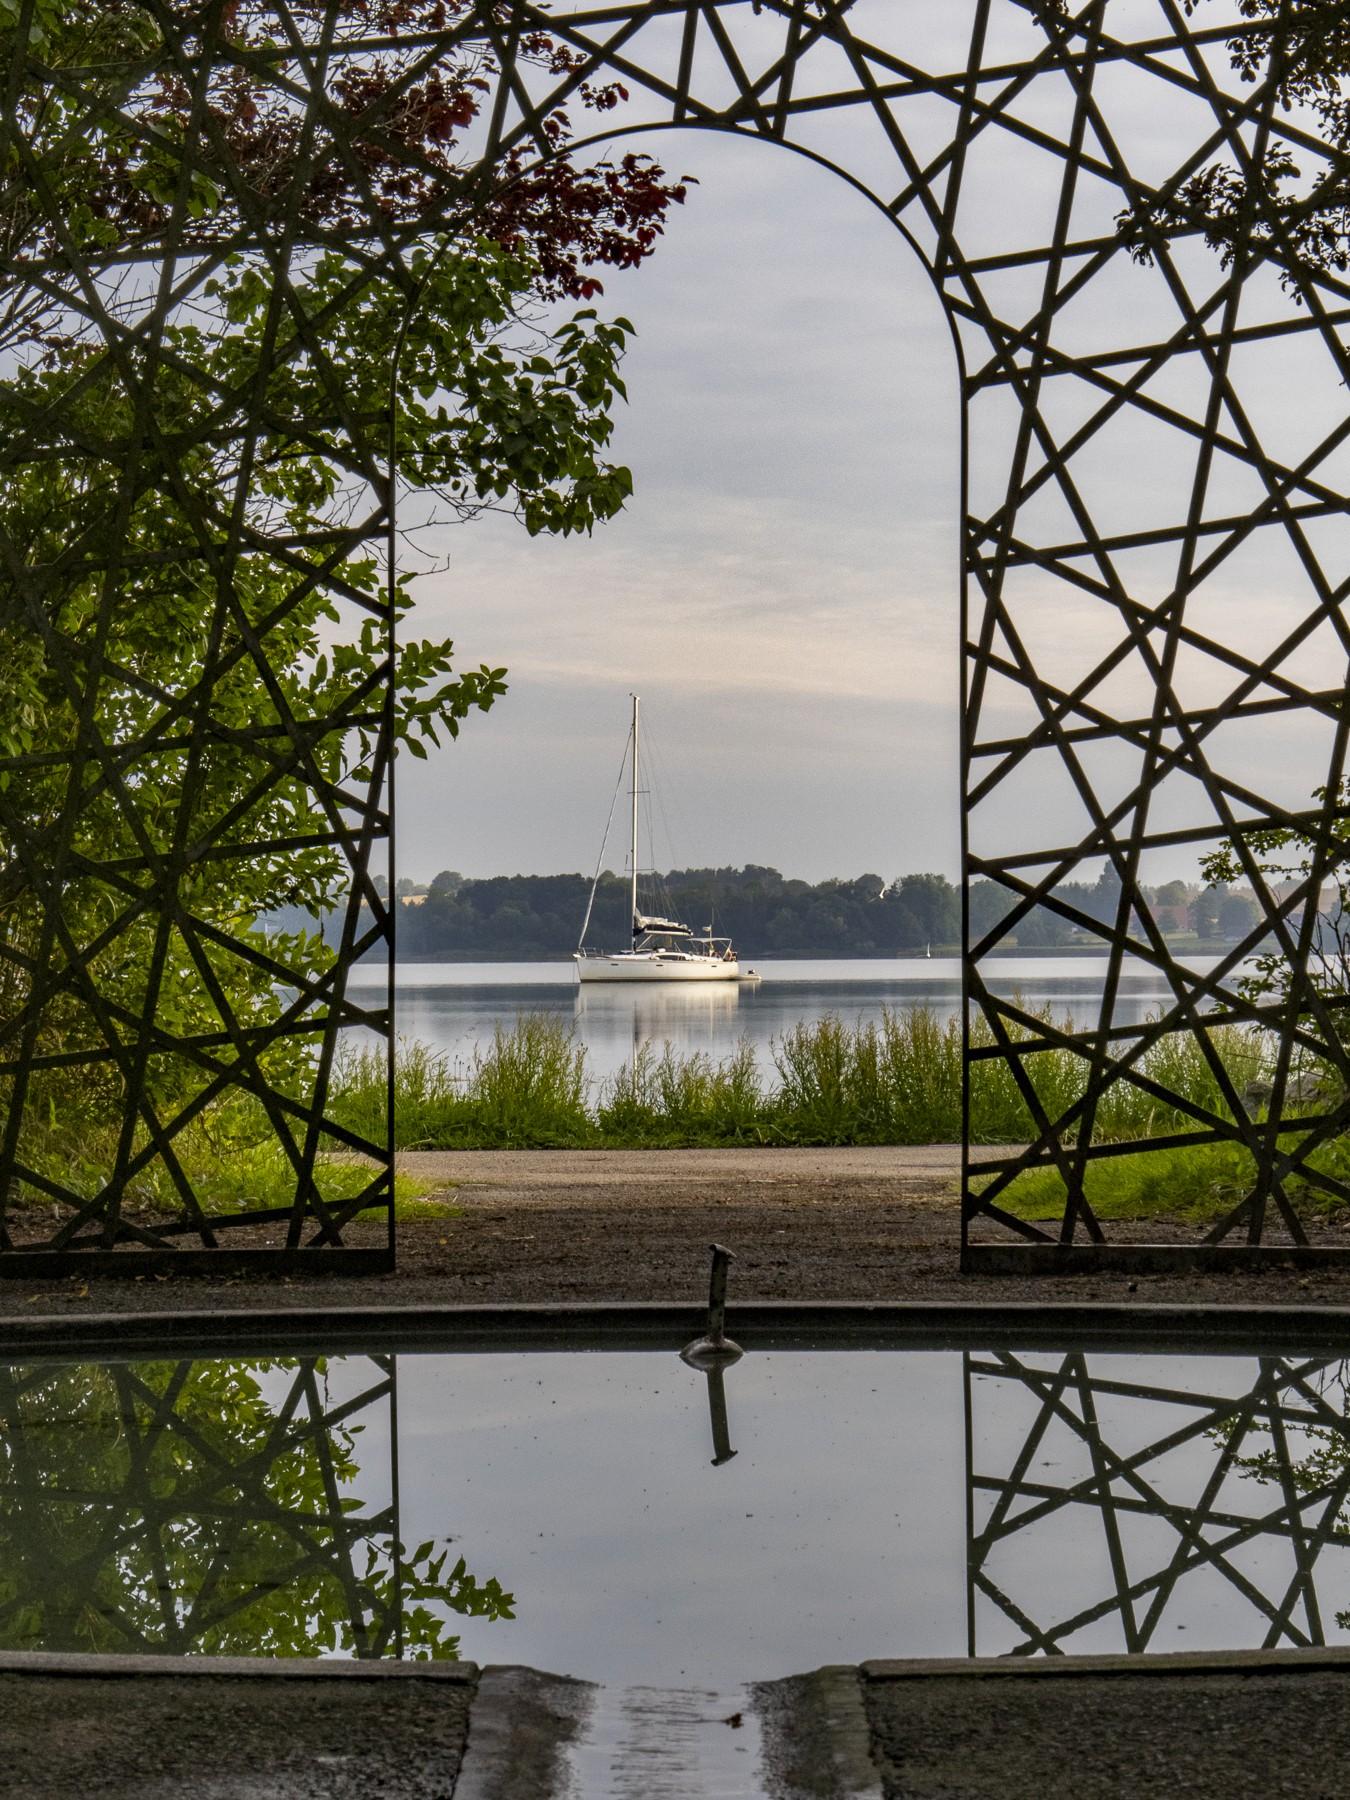 5-dimensionel pavillon, Olafur Eliassons værk i Holbæk